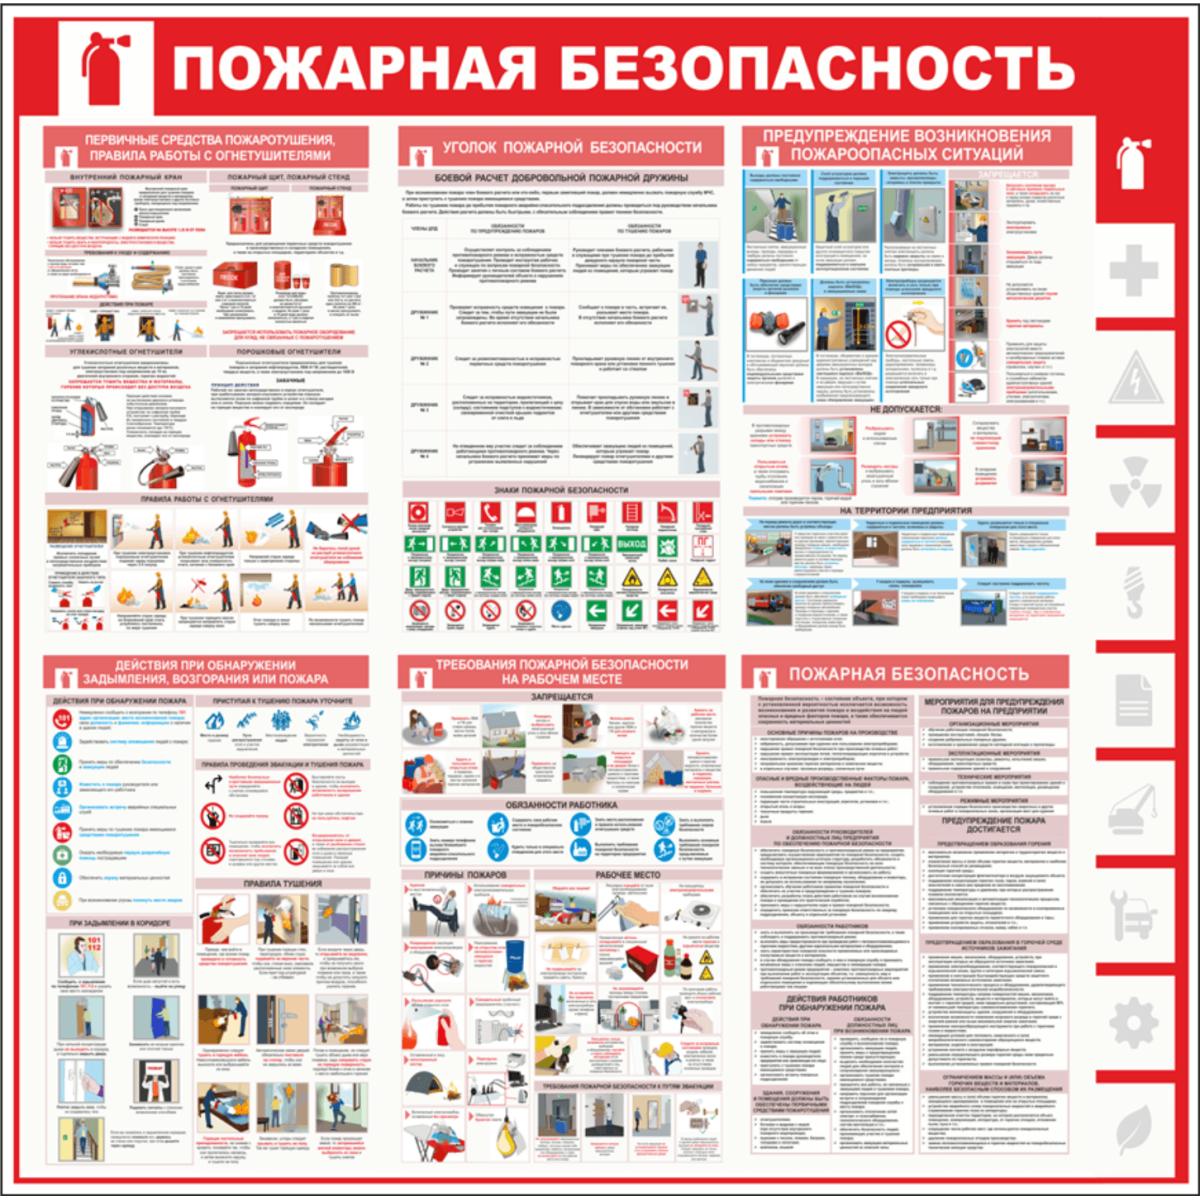 """Уголок пожарной безопасности """"Пожарная безопасность"""", 1000*1000 мм"""